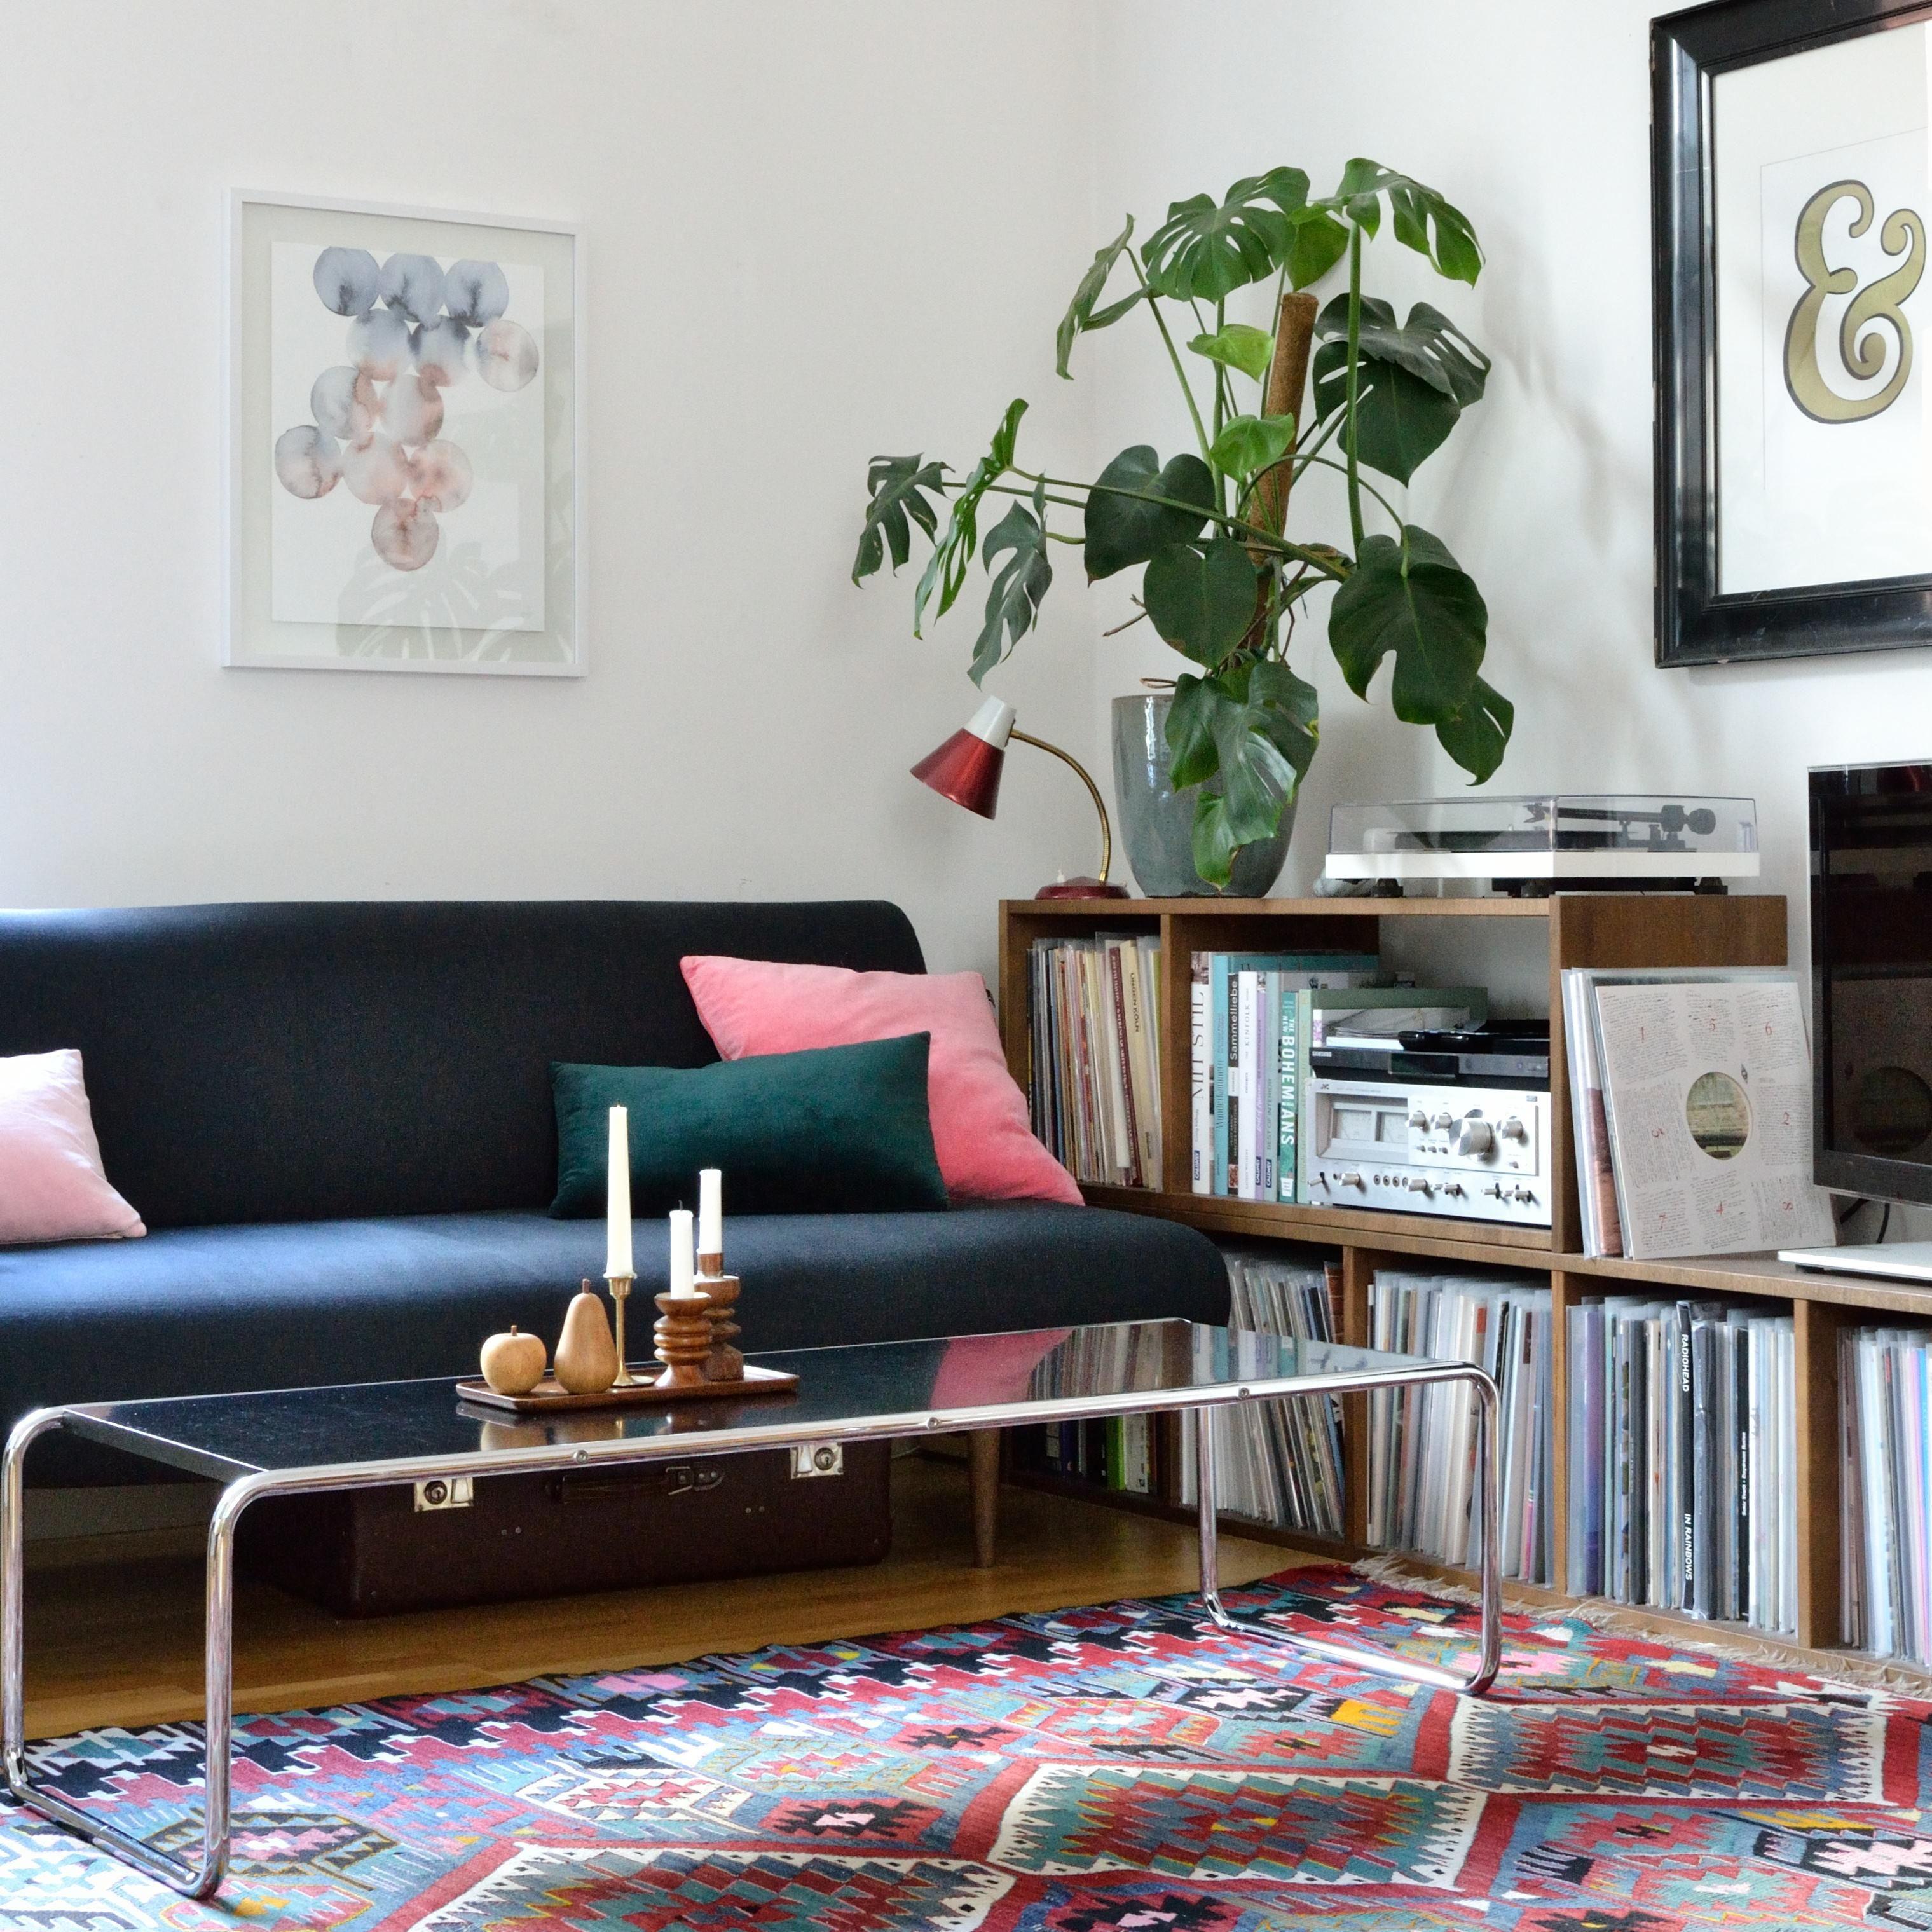 wohnzimmer stil amazing maritimer wohnzimmer stil with wohnzimmer stil wohnzimmer stil with. Black Bedroom Furniture Sets. Home Design Ideas